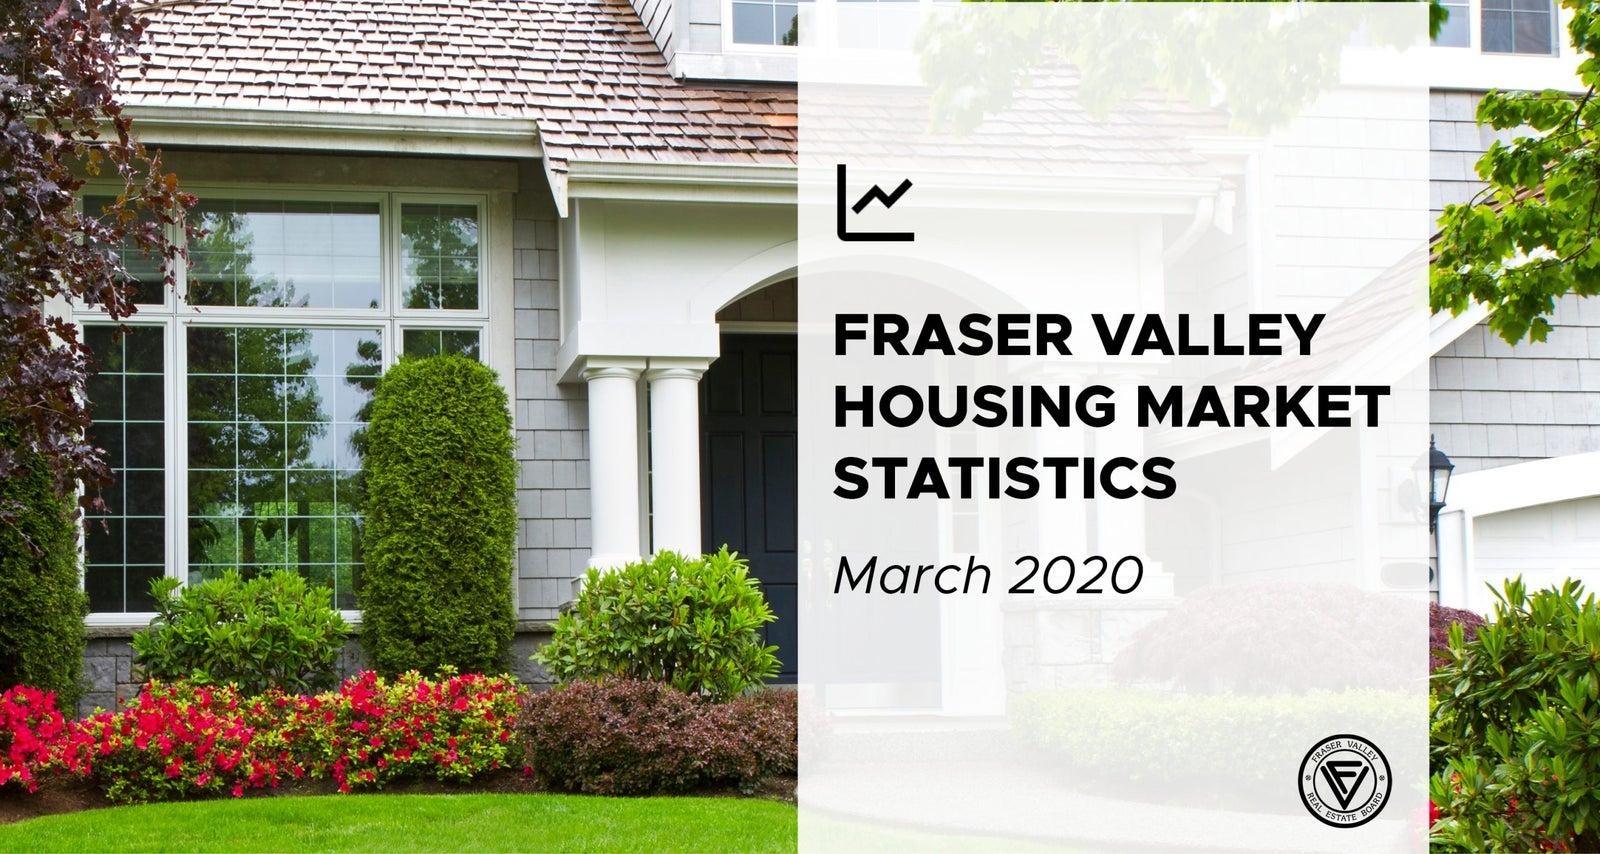 Fraser Valley Housing Market statistics March 2020